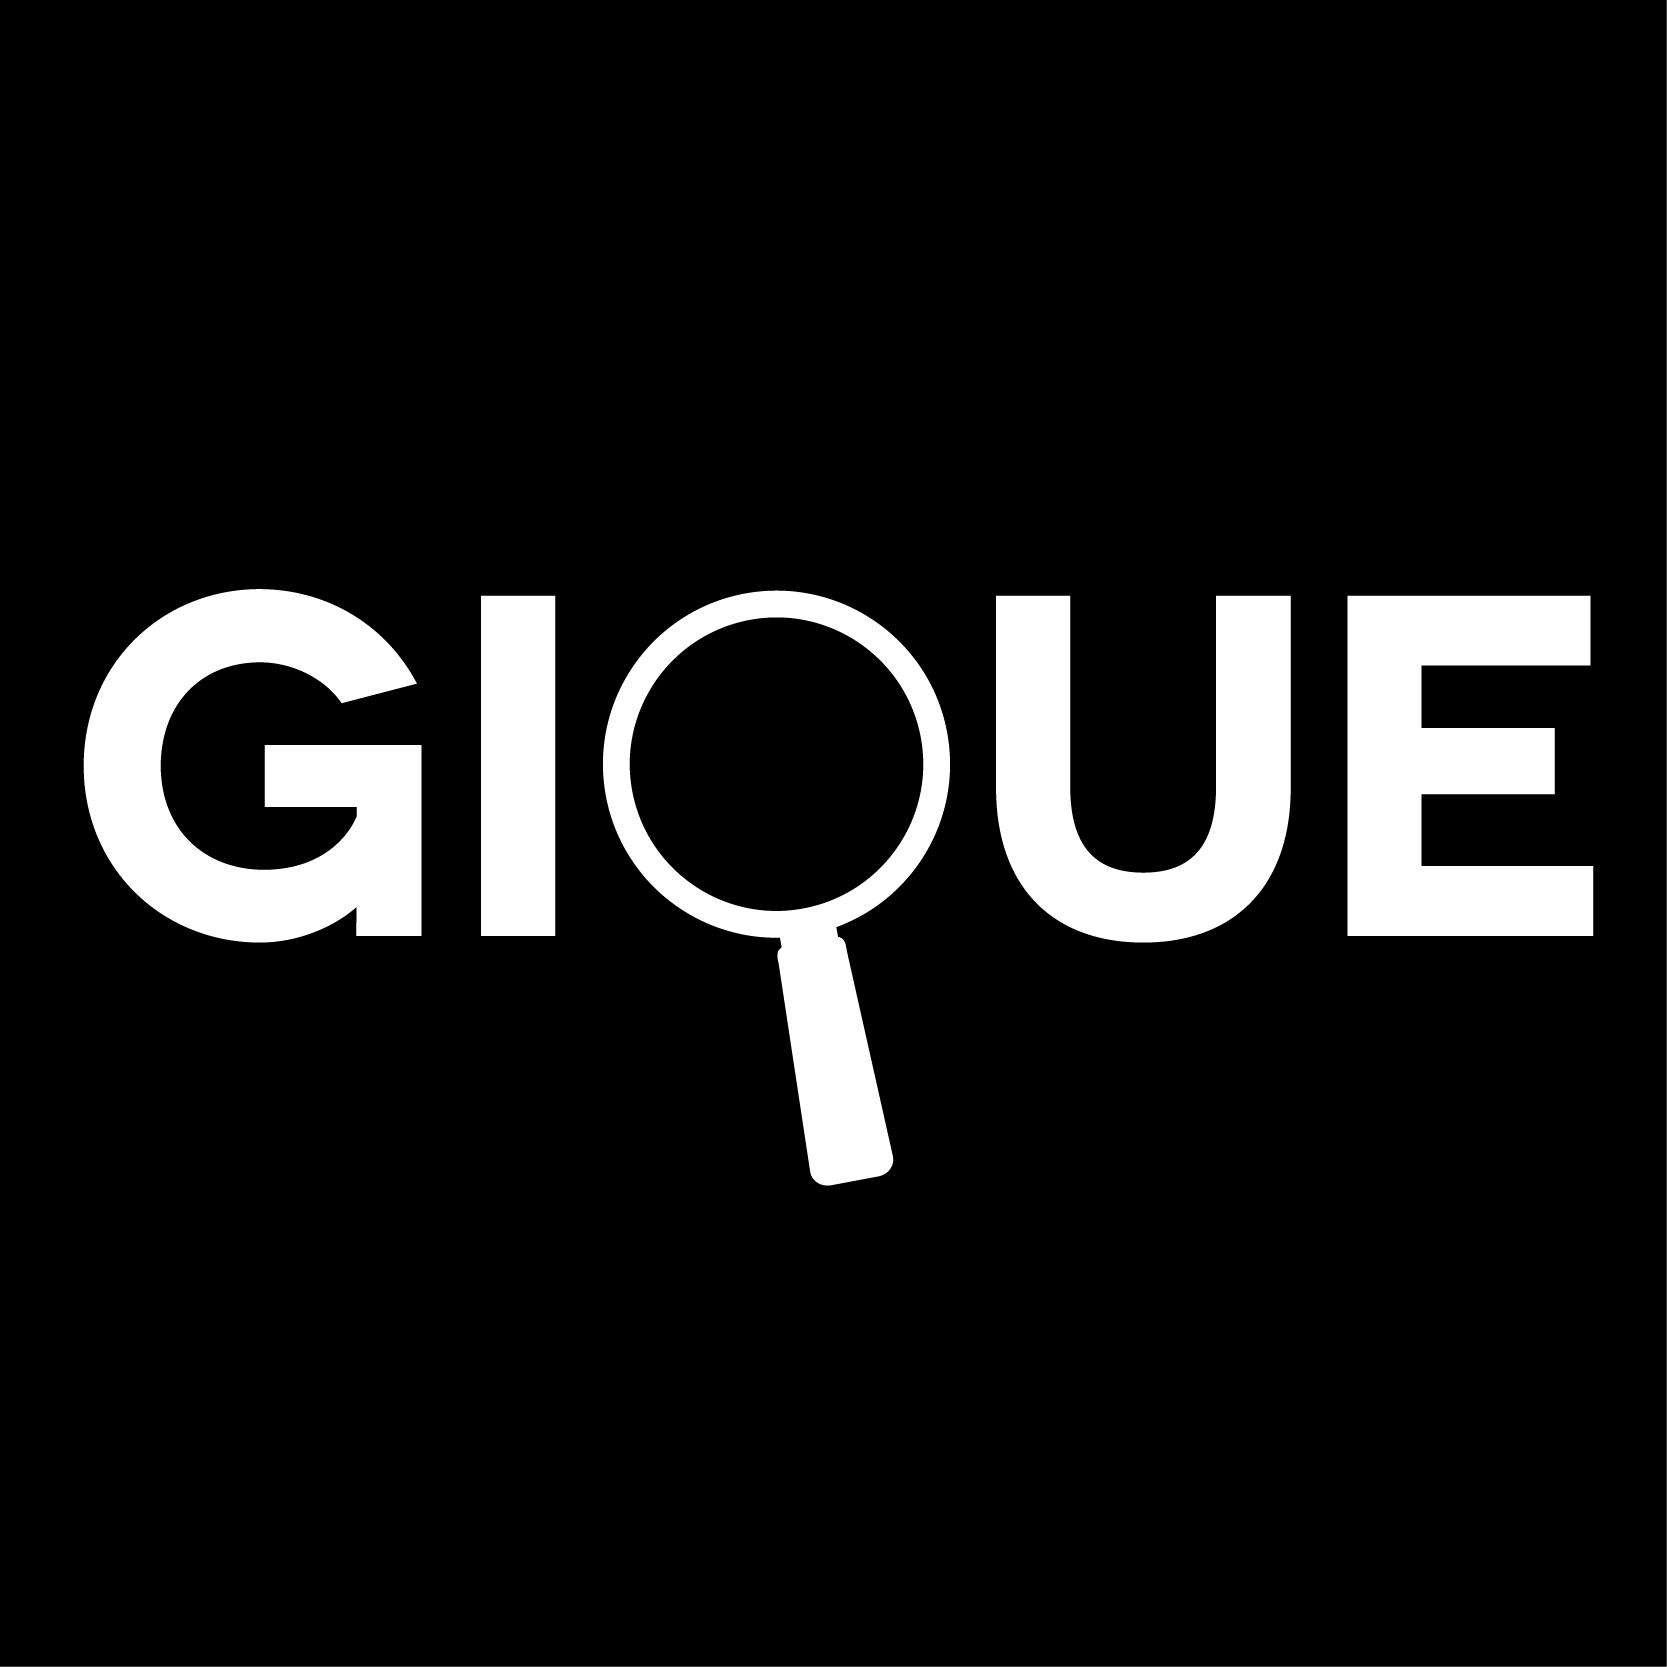 qigue_square-01.png